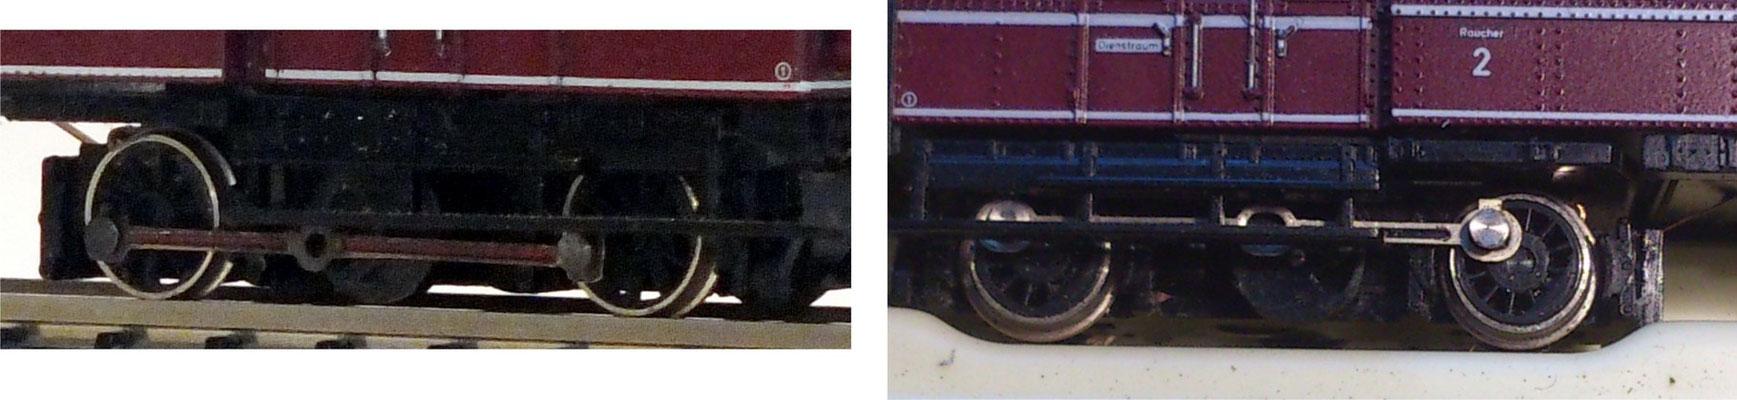 Kuppelstangen: der Vergleich zwischen Großserie rechts und fiNescale links.